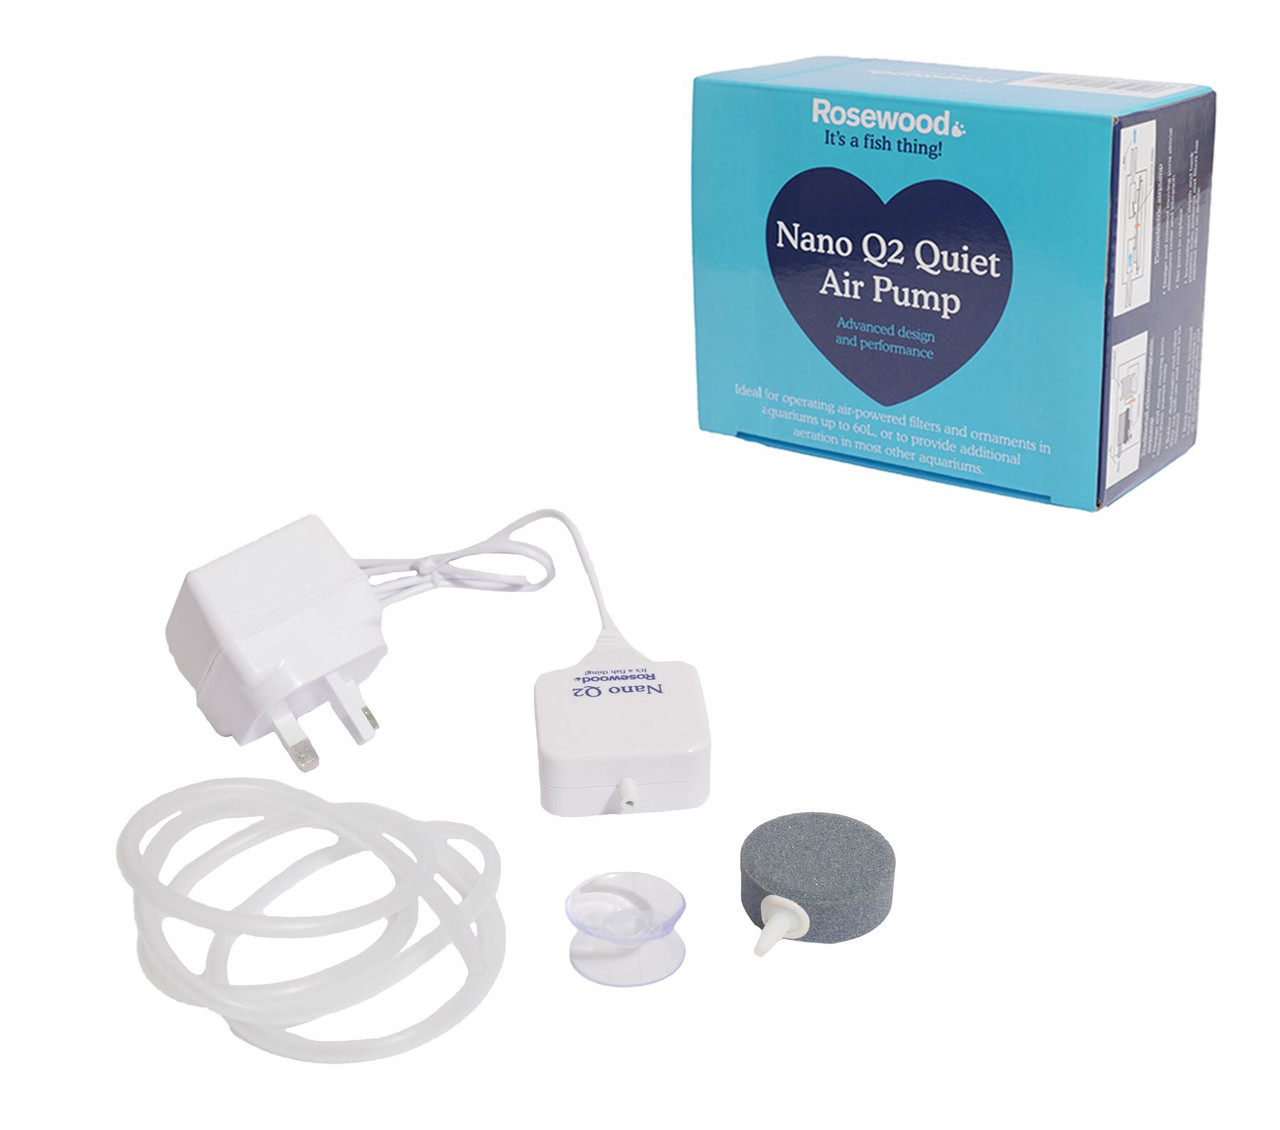 Rosewood Nano Q1 Quiet Air Pump for Aquariums